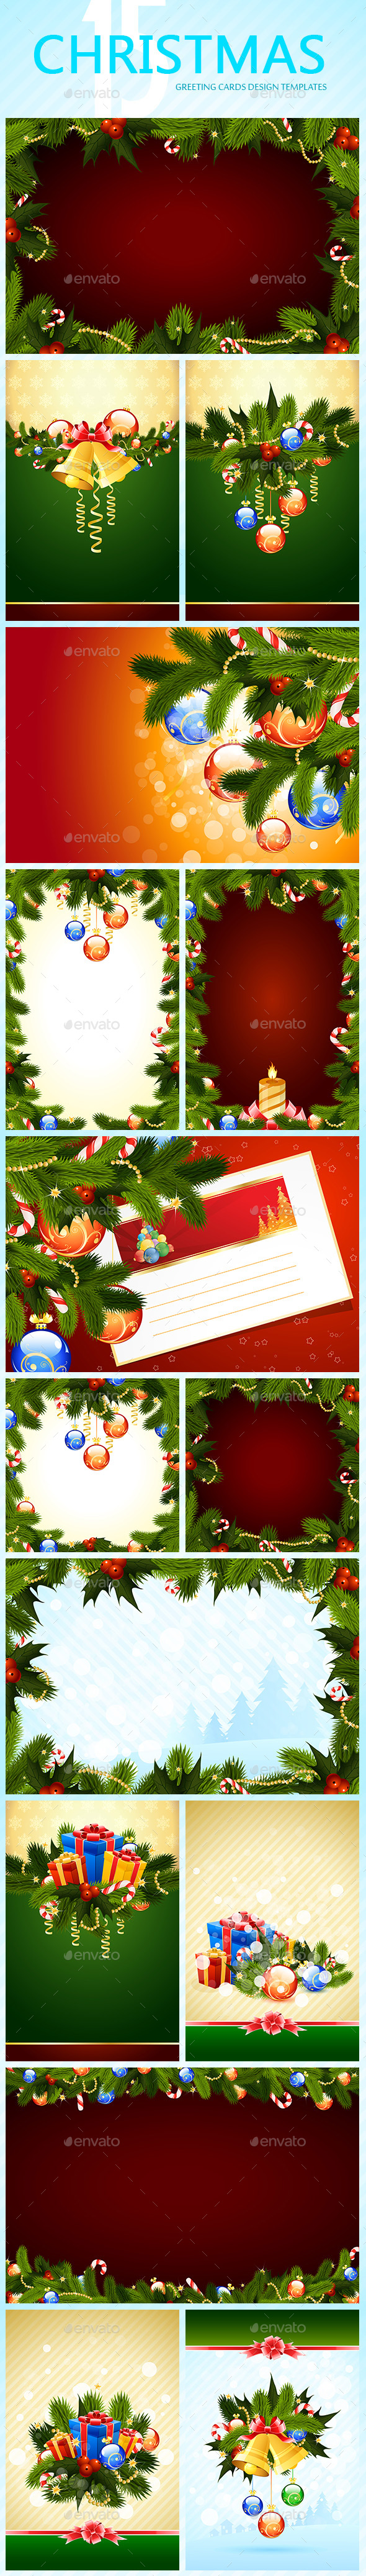 Set of Christmas Greeting Cards - Christmas Seasons/Holidays